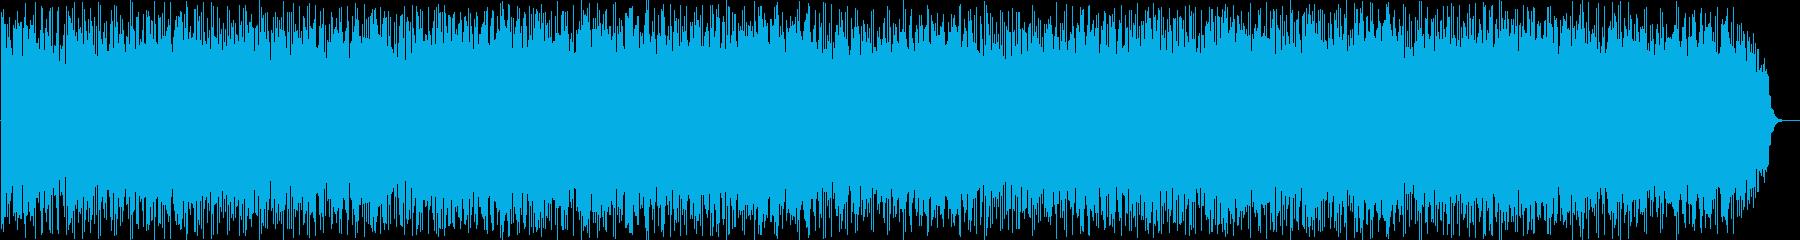 ゆったりとした風の竹笛のヒーリング音楽の再生済みの波形